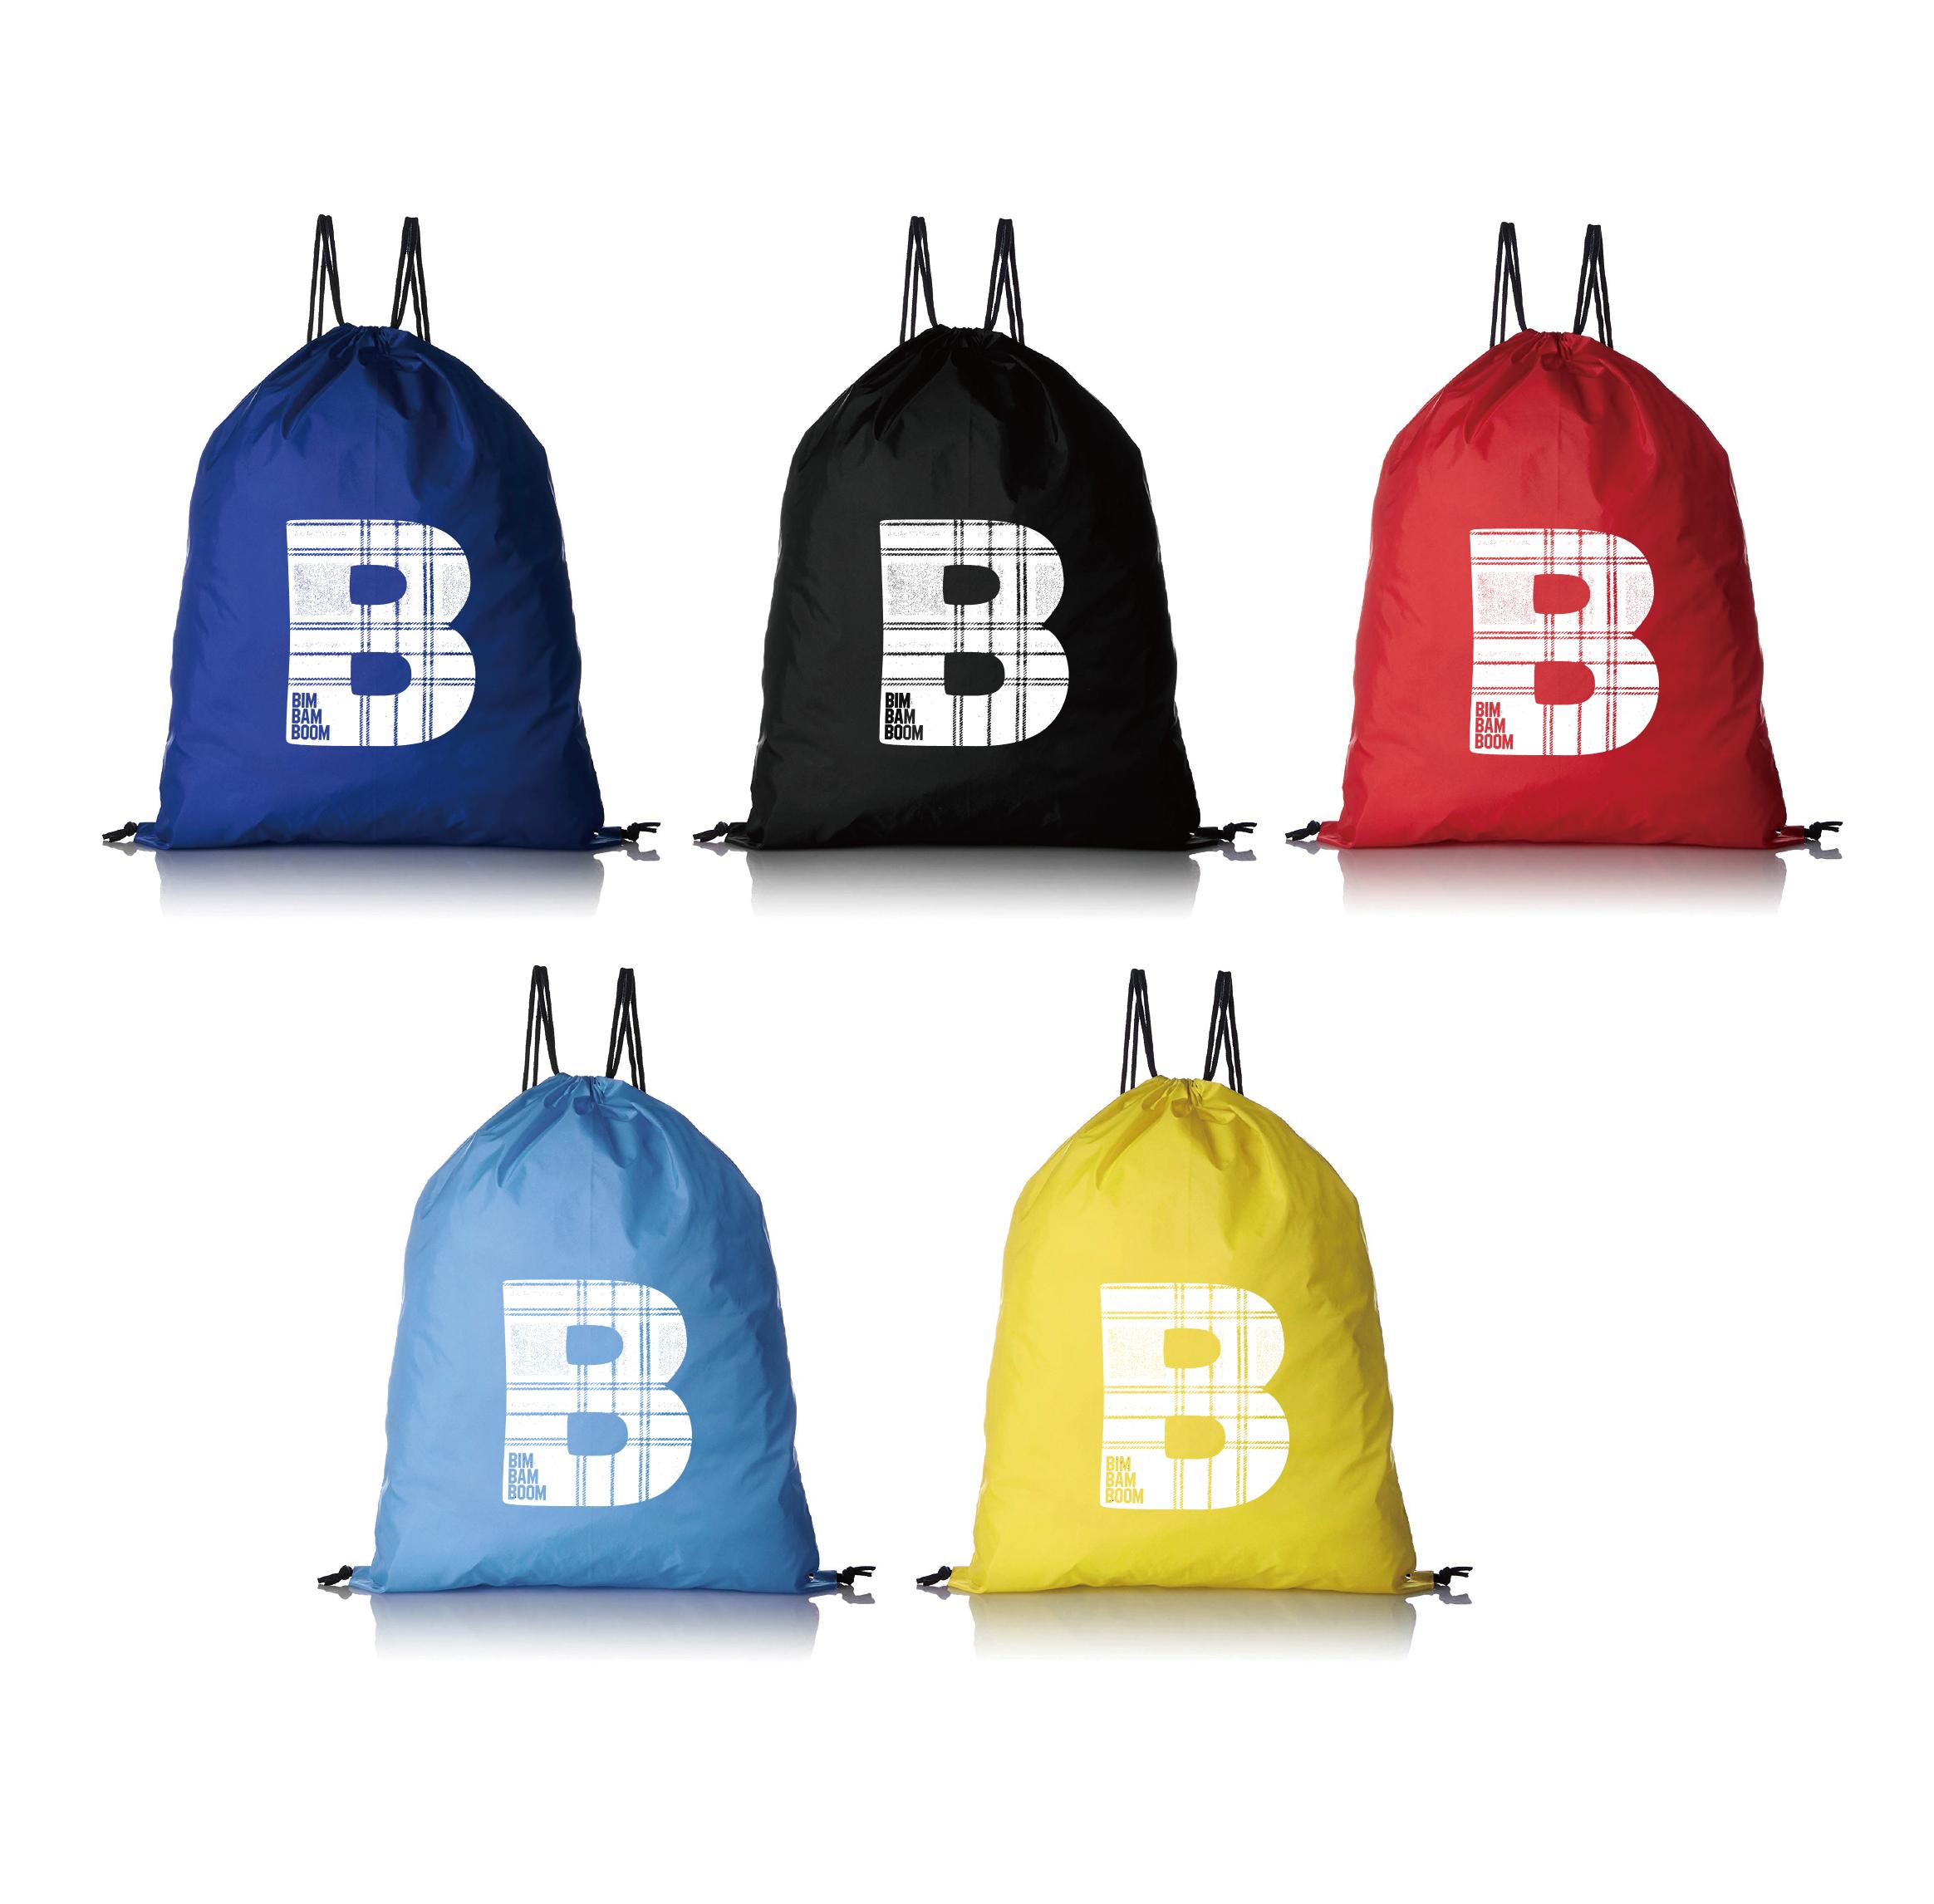 bbb-bag2